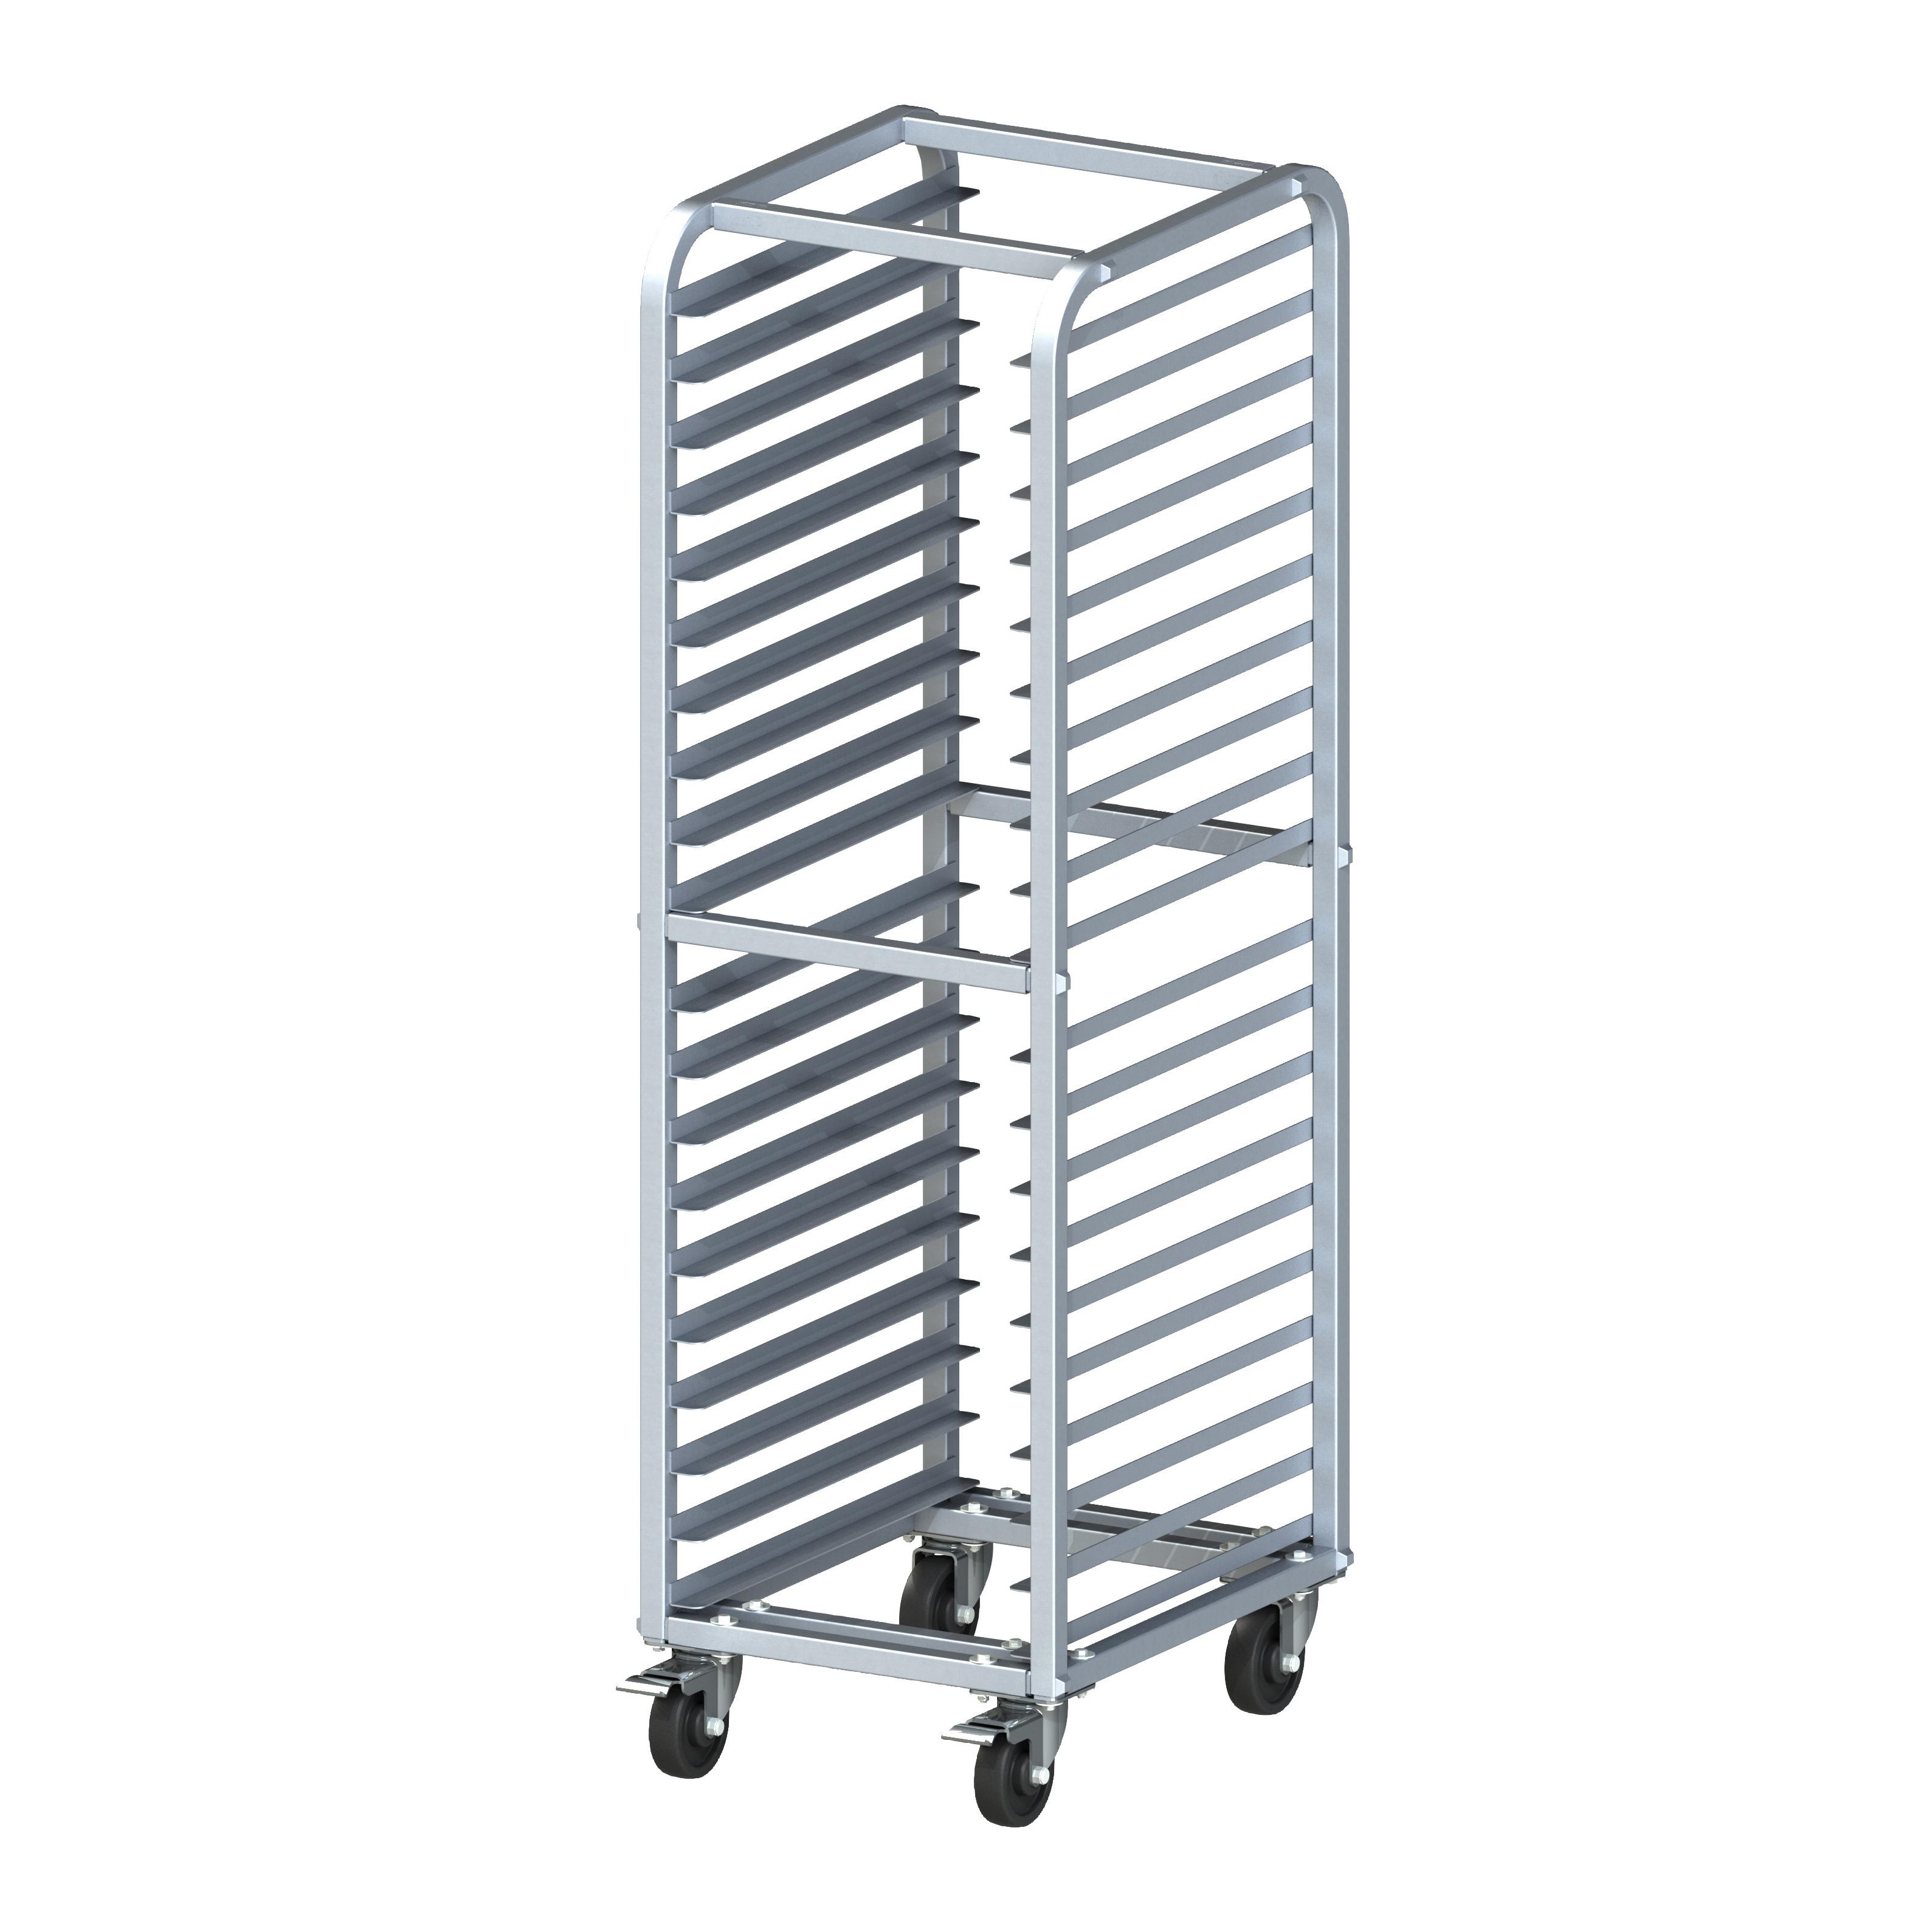 Winco AWRK-20HBK pan rack, universal